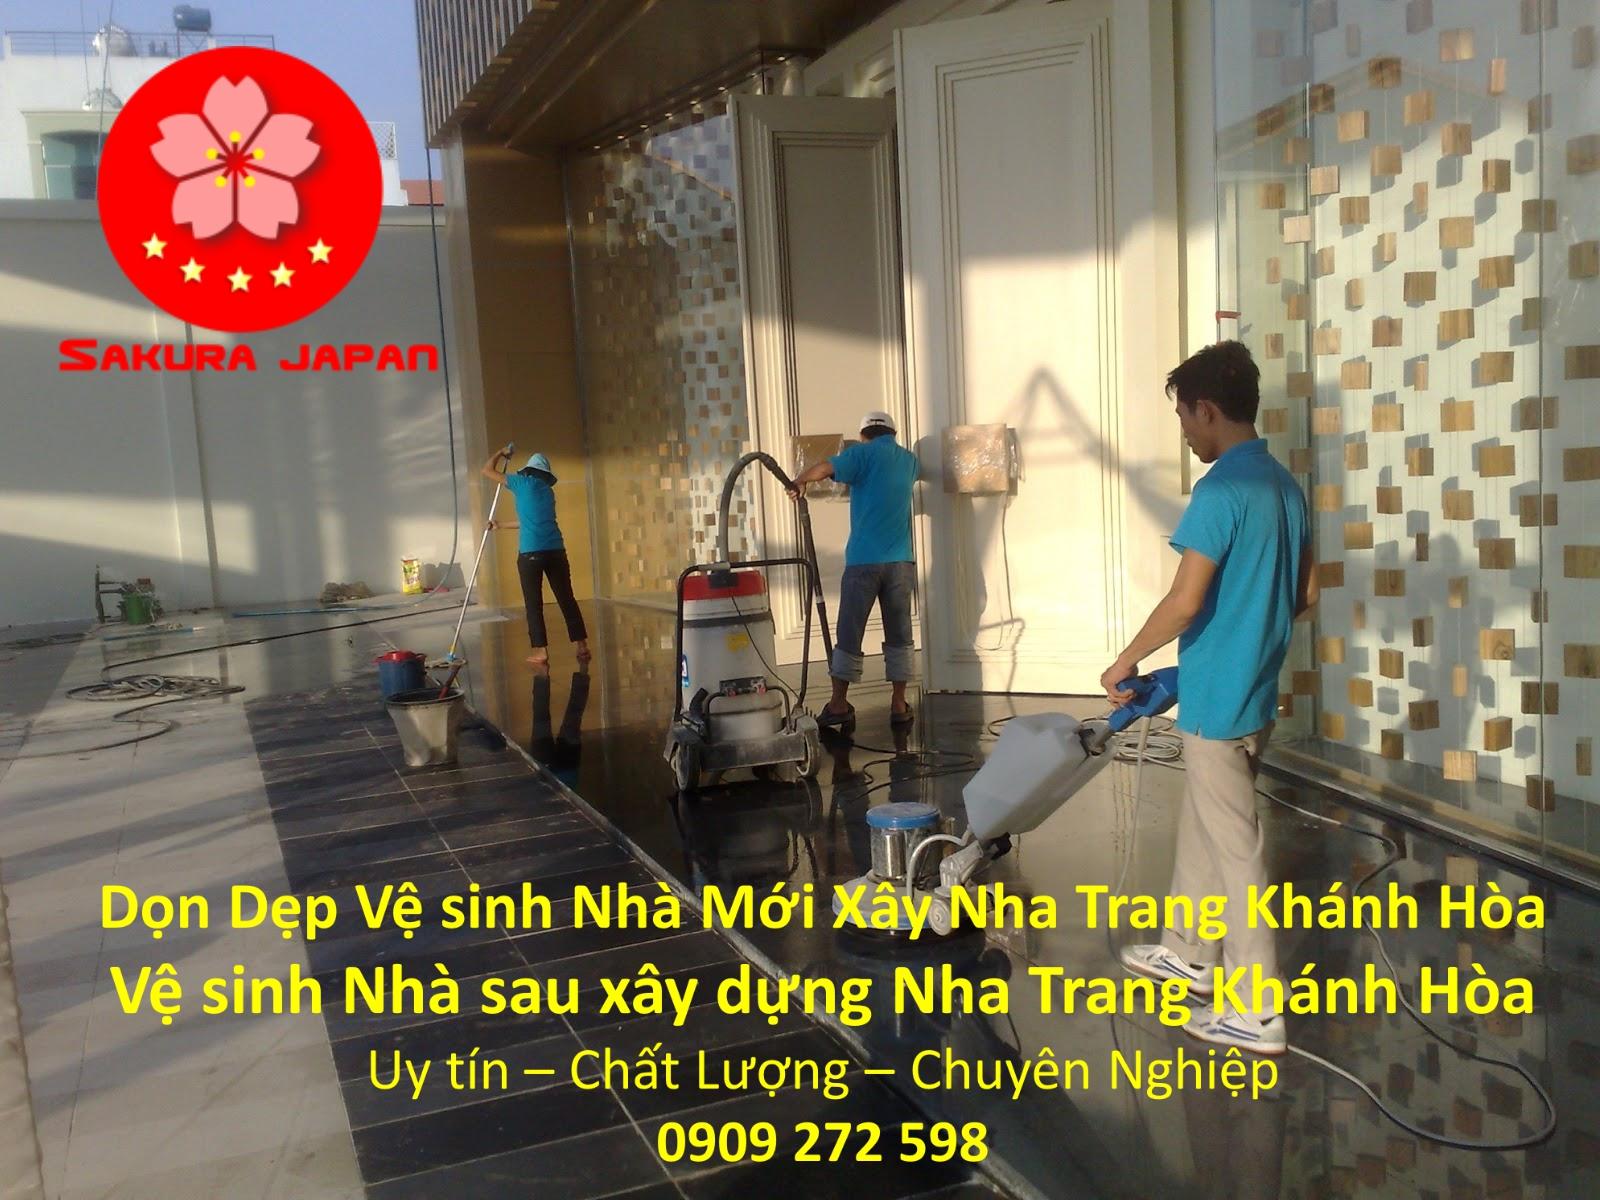 Công Ty Vệ Sinh Nhà Mới Xây Nha Trang Khánh Hòa